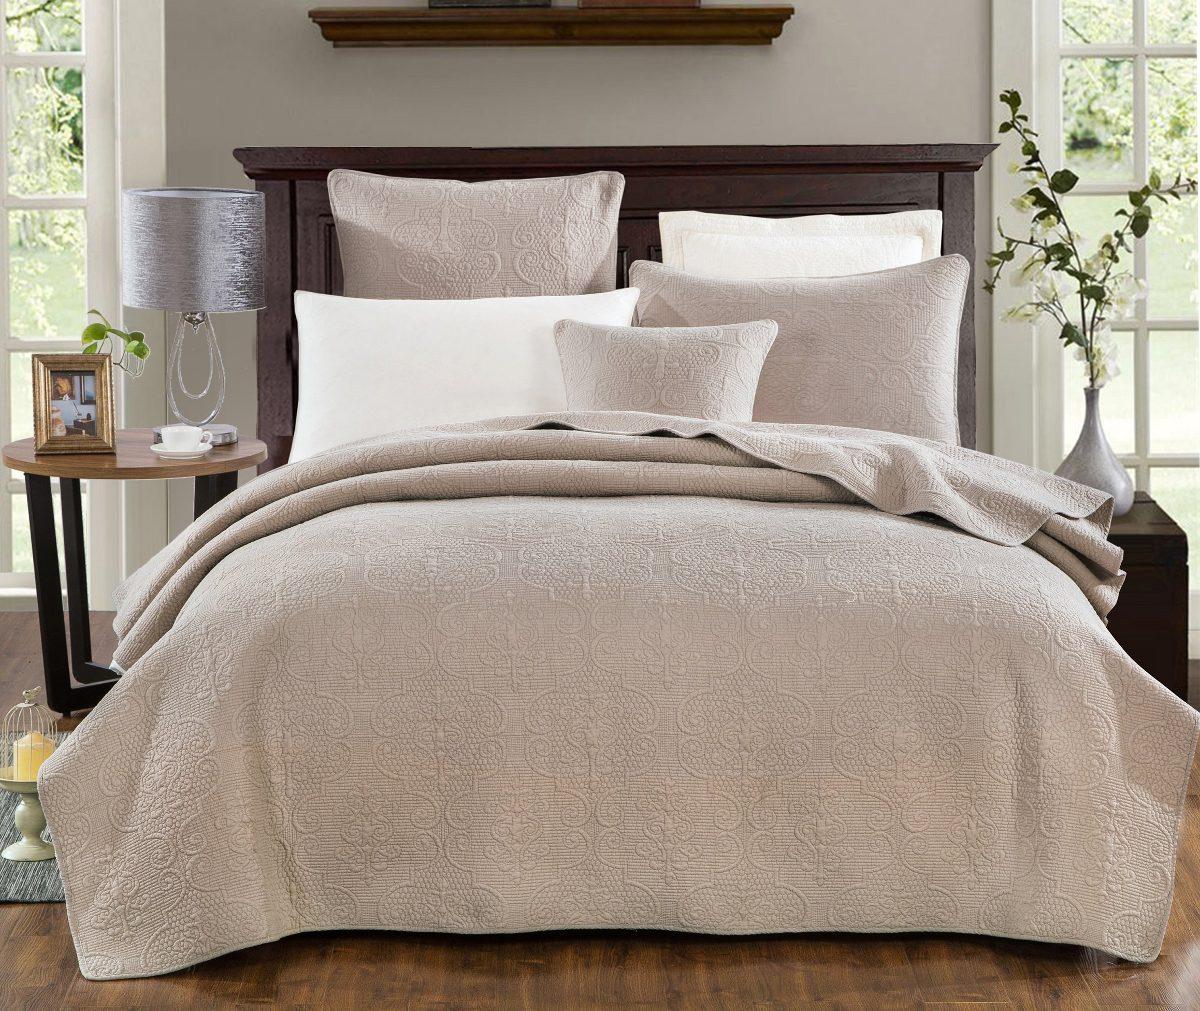 Resultado de imagen para ropa de cama